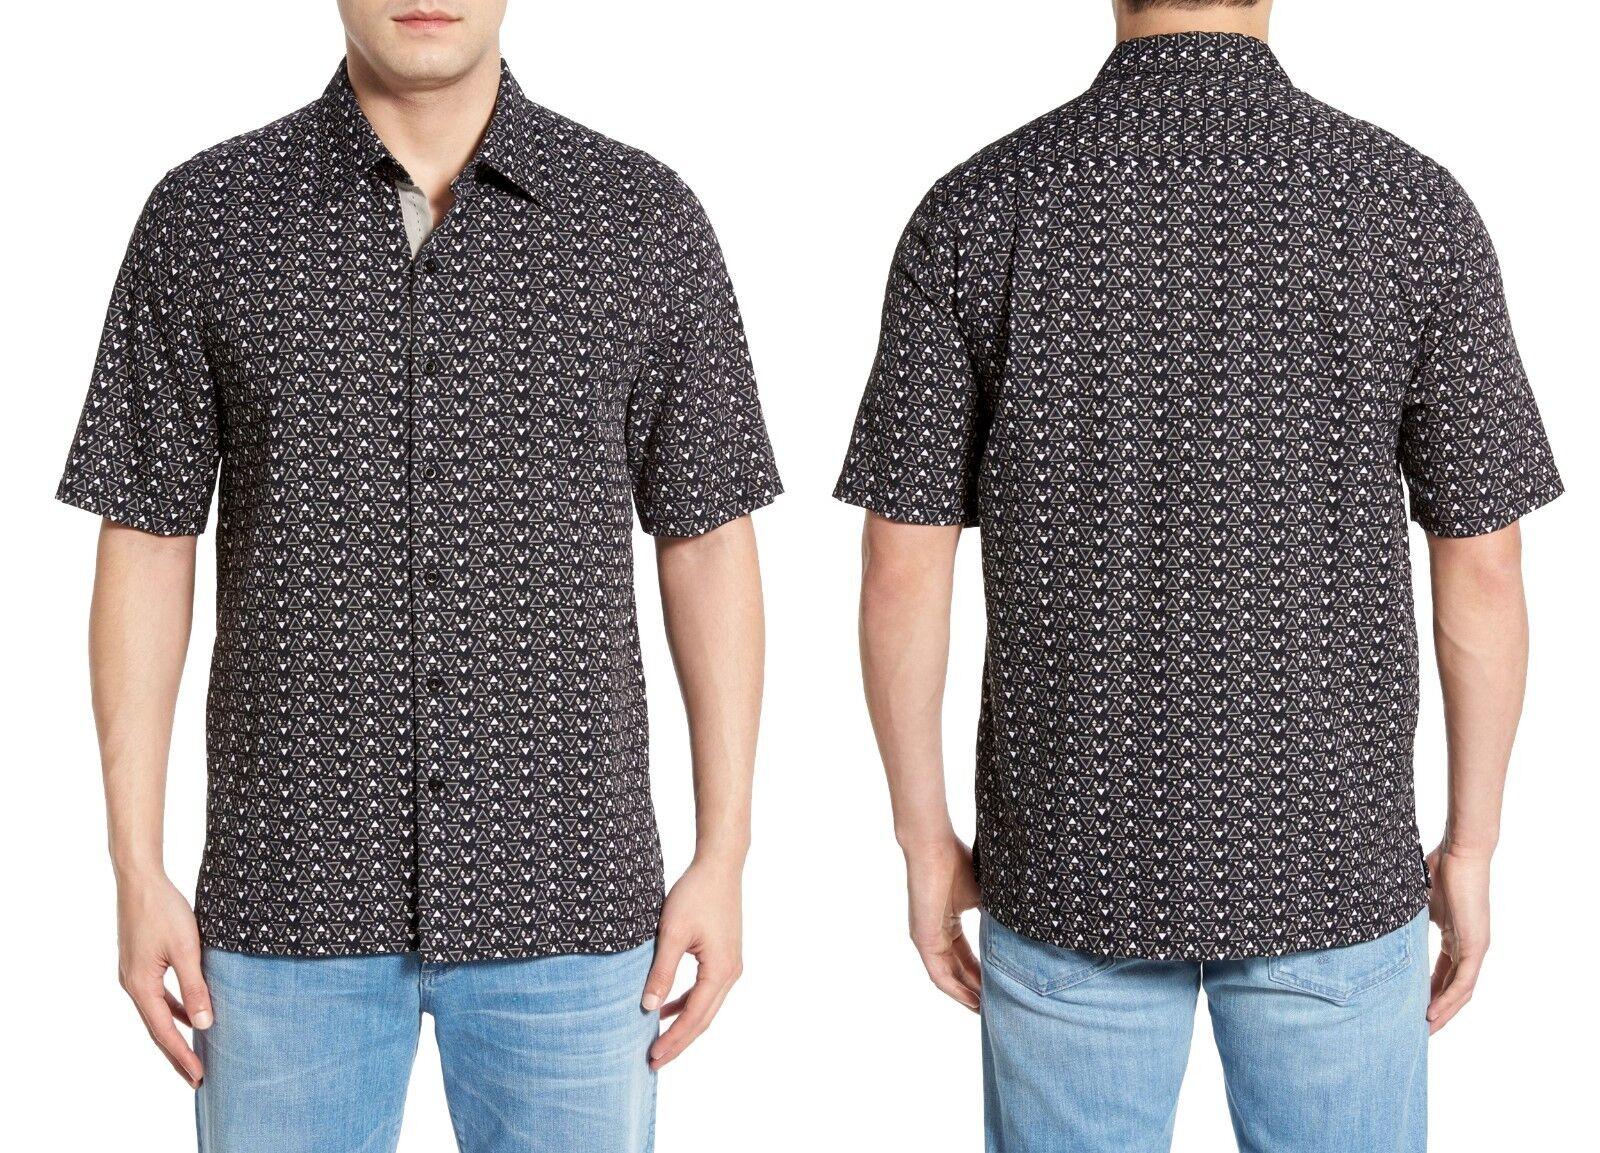 NAT Nast SECO soie coton shirt à hommeches courtes en Noir Sz. Medium Neuf avec étiquettes 155